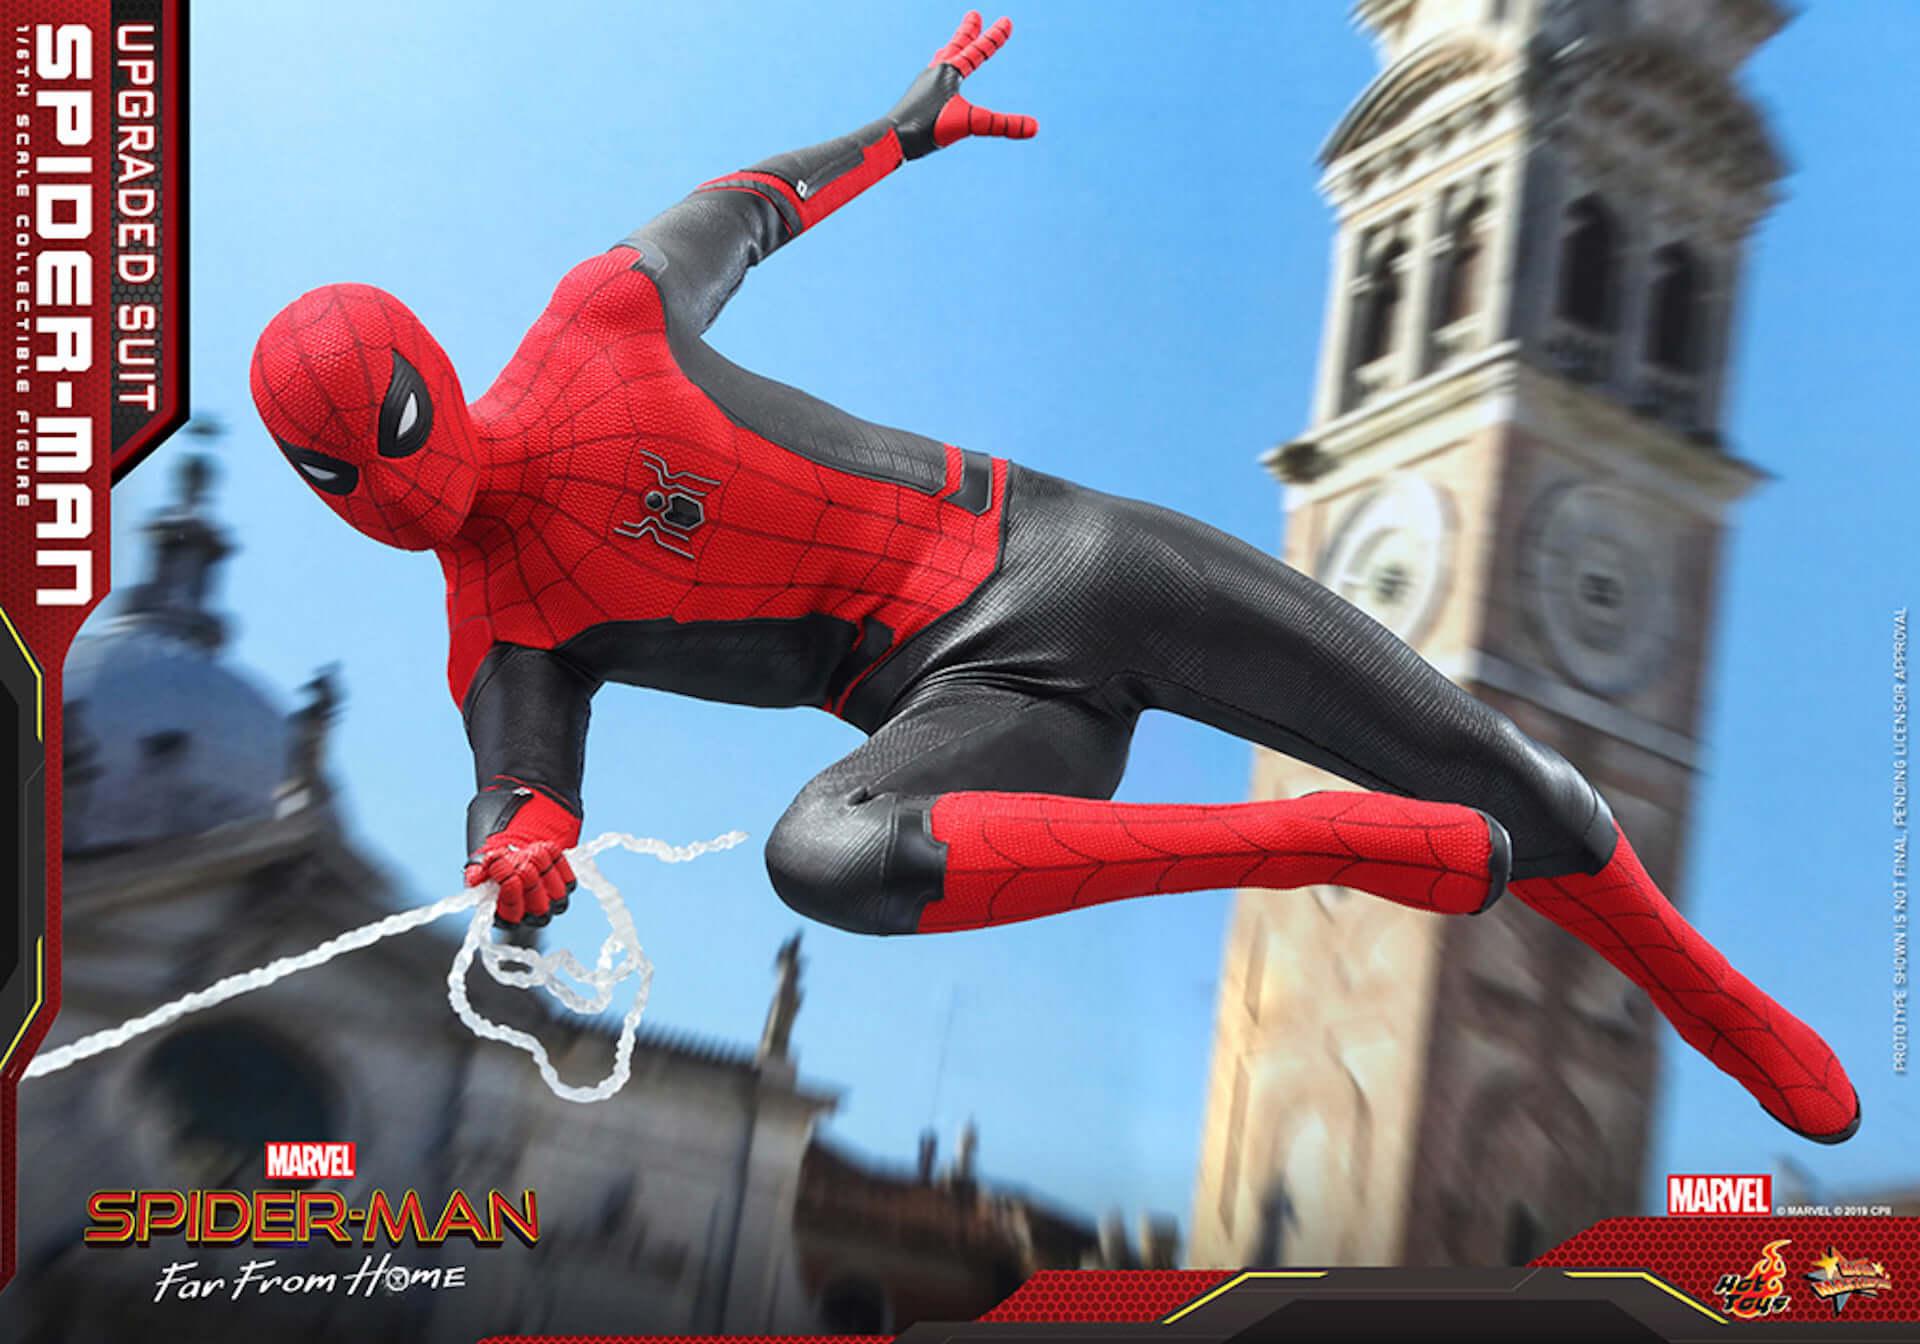 新生スパイダーマン誕生!『スパイダーマン:ファー・フロム・ホーム』のアップグレードスーツが完全フィギュア化 film190702_sffh_upgrade_4-1920x1344